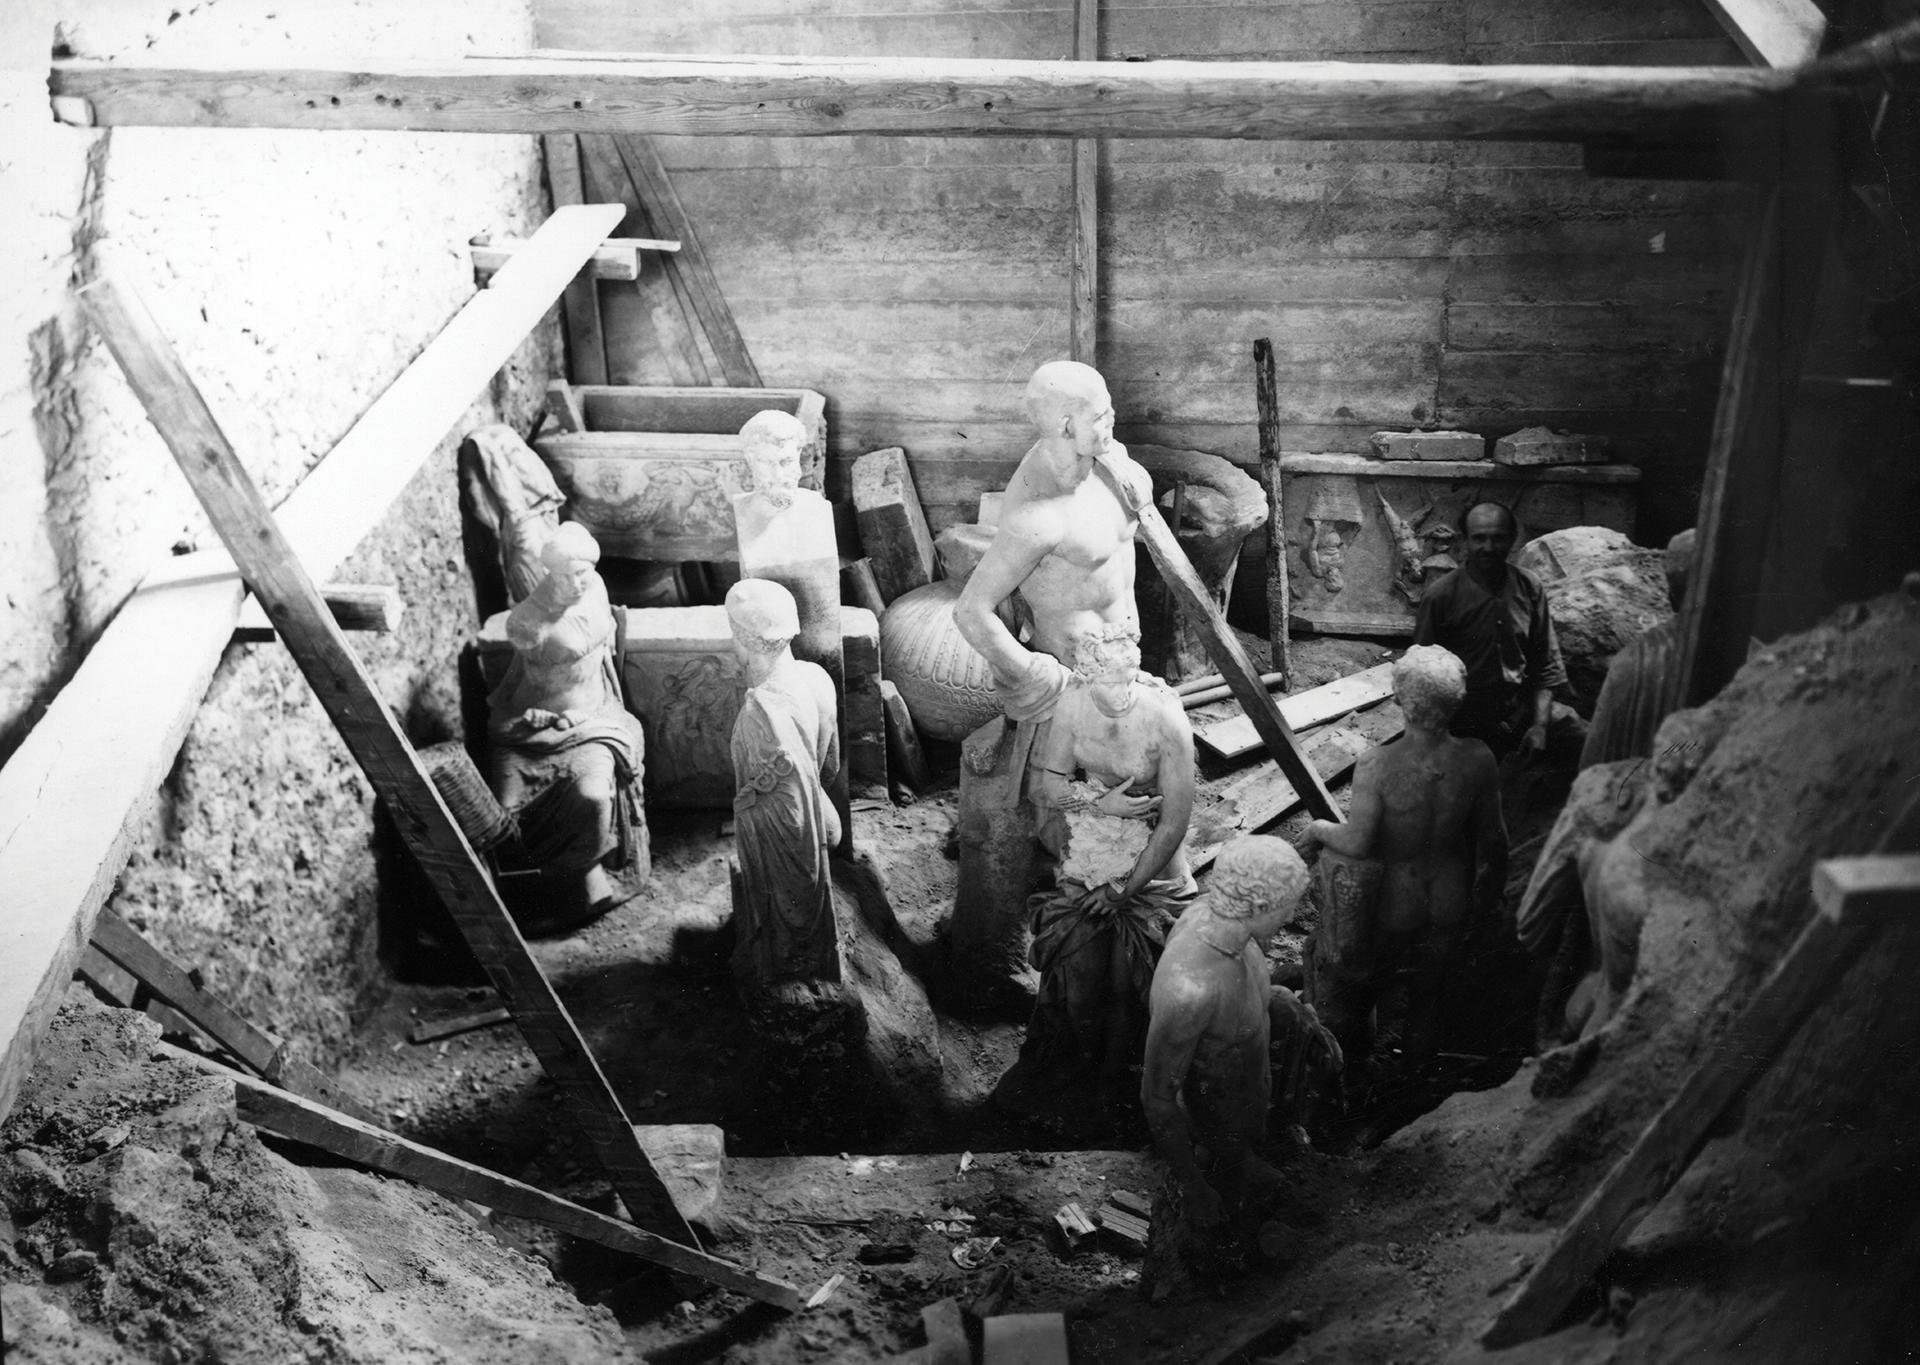 Όψη της αίθουσας 13 κατά την κατάχωση των αρχαιοτήτων στο Εθνικό Αρχαιολογικό Μουσείο, 1940-41(© ΥΠΠΟΑ/Εθνικό Αρχαιολογικό Μουσείο/ΤΑΠ).